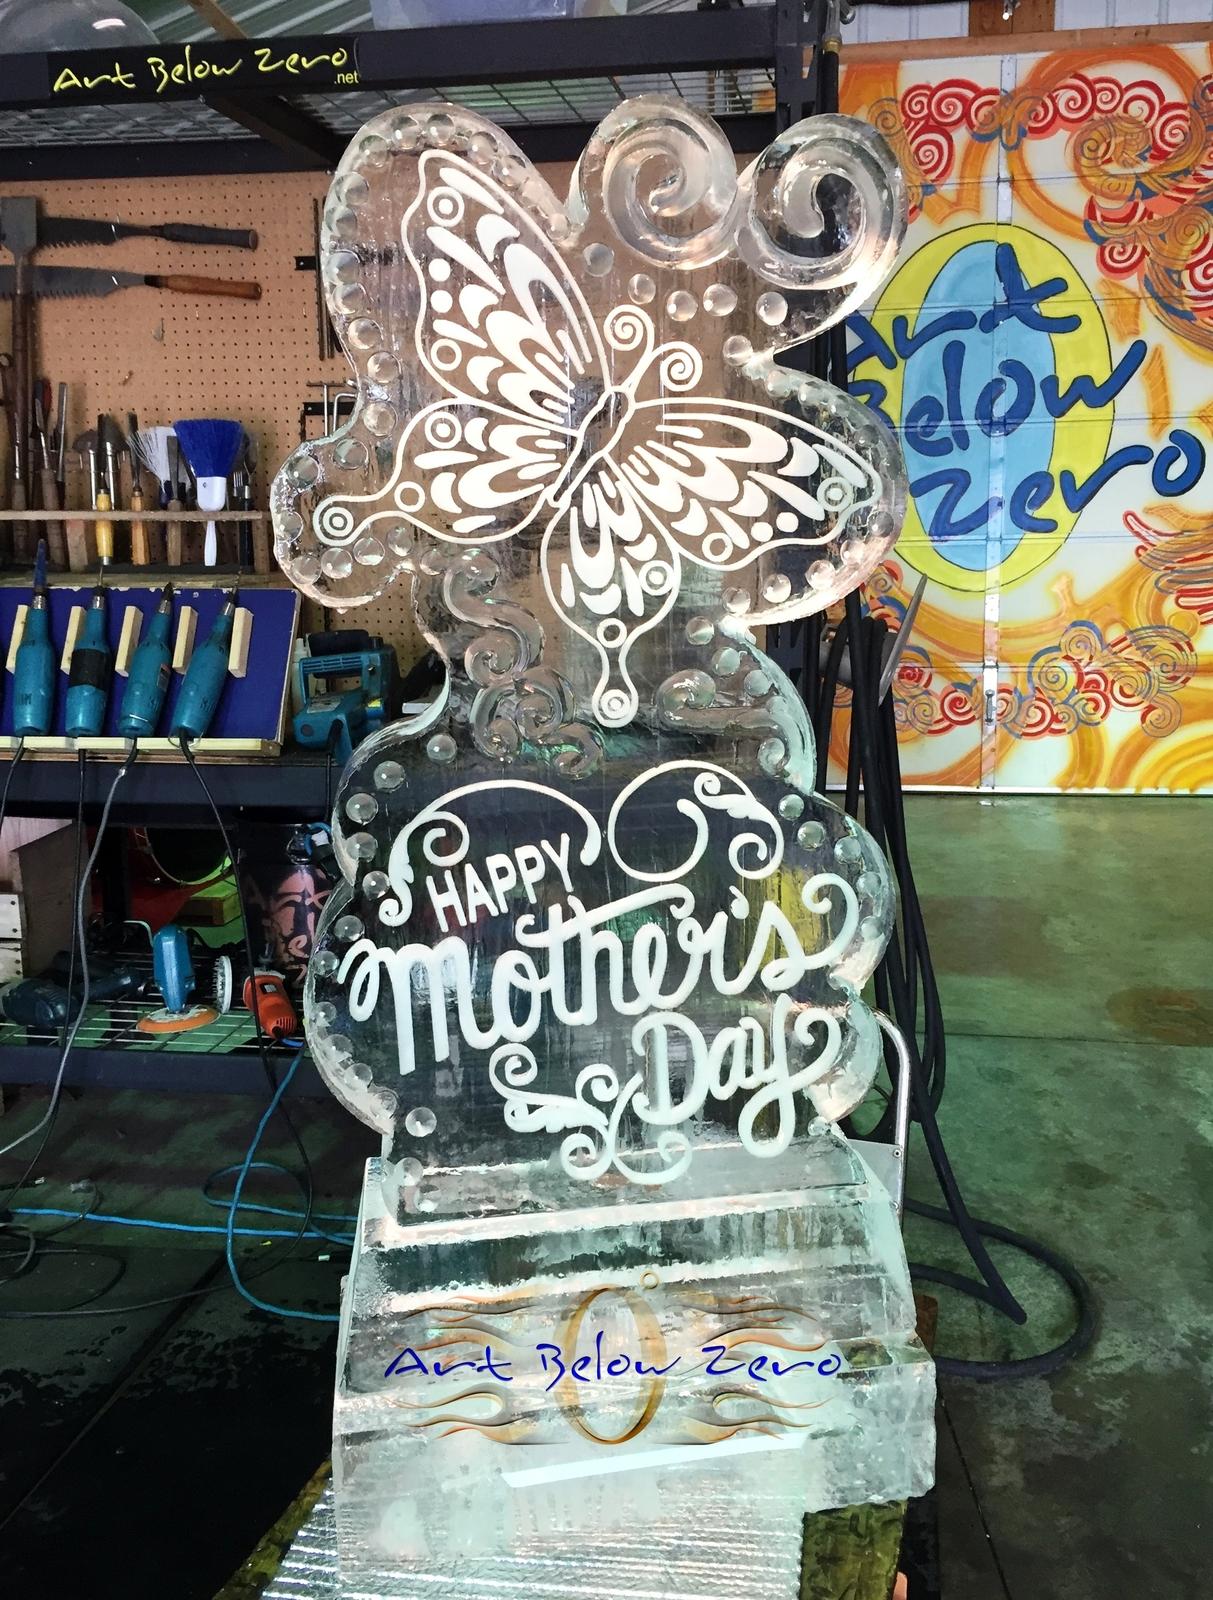 Mothers day ice sculptures by art below zero